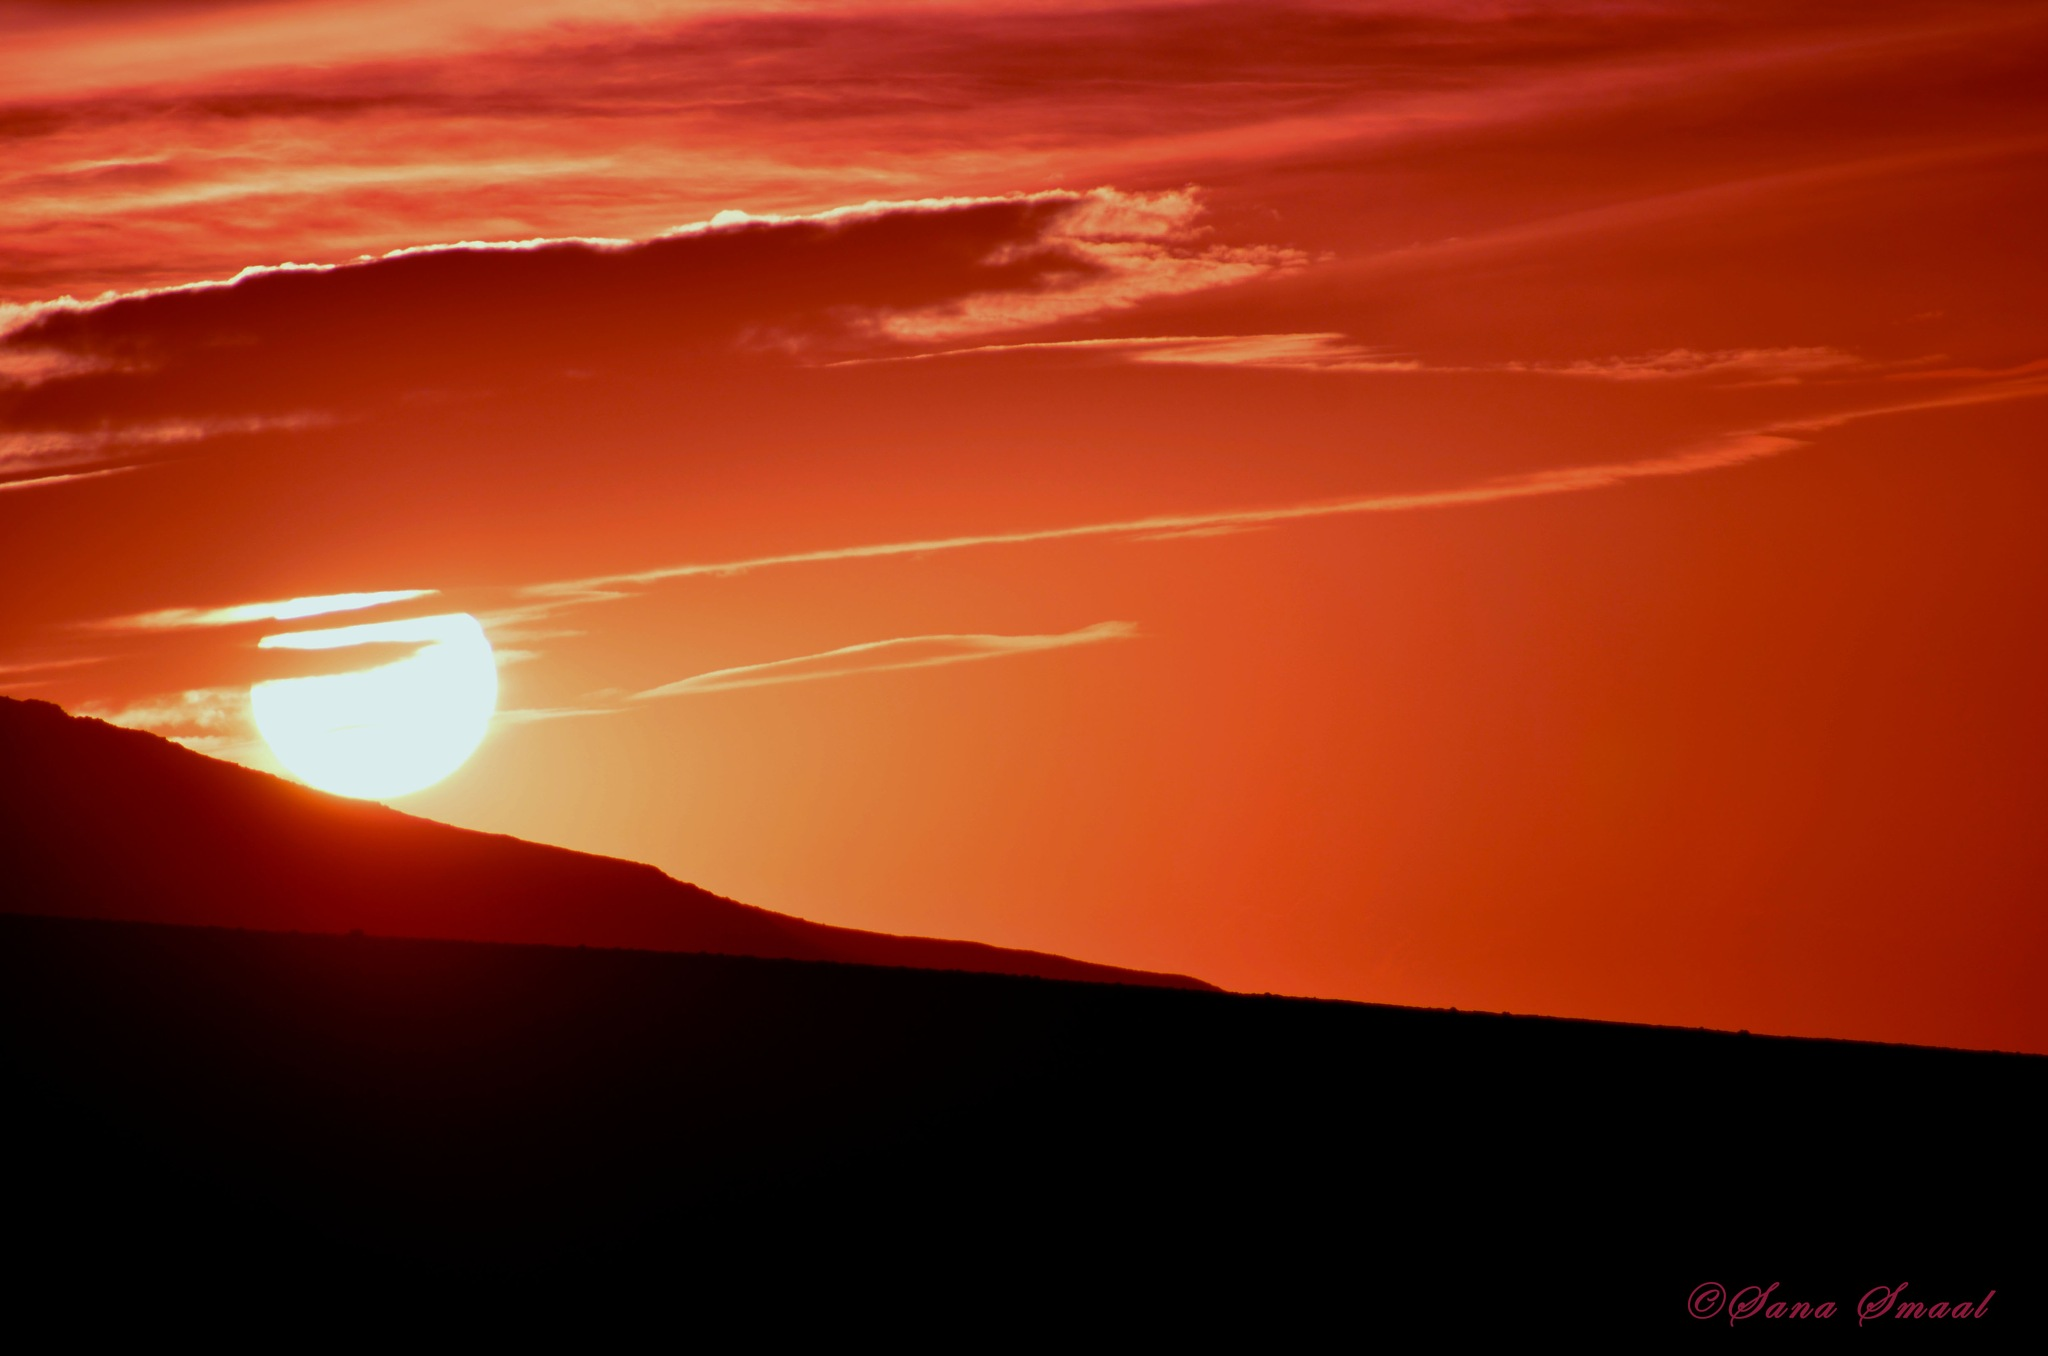 sunrise by Sana Smaal